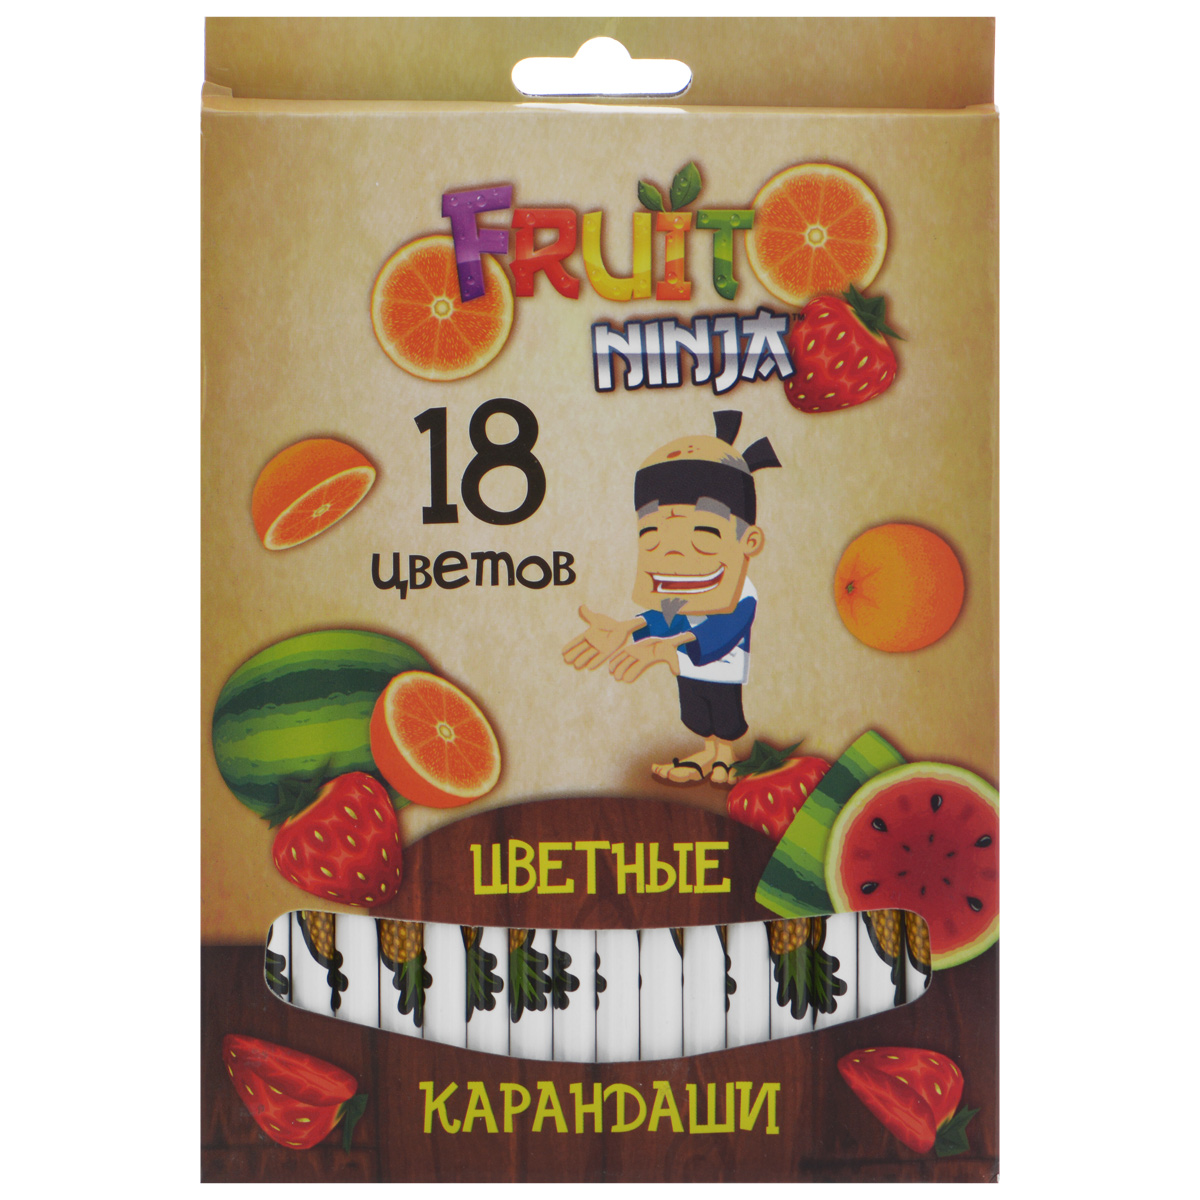 Цветные карандаши Action! Fruit Ninja, 18 цветовC37142_бежеваяЦветные карандаши Action! Fruit Ninja - идеальный инструмент для самовыражения и развития маленького художника!Корпус карандашей выполнен из высококачественной древесины и оформлен изображением сочных фруктов и логотипом игры Fruit Ninja. Карандаши обладают яркими насыщенными цветами, а мягкий грифель позволяет штрихам легко ложиться на бумагу. Они уже заточены, поэтому все, что нужно для рисования, - это взять чистый лист бумаги, и можно начинать!Комплект включает 18 карандашей разных цветов, упакованных в коробку, украшенную изображением фруктов и героя игры Fruit Ninja.